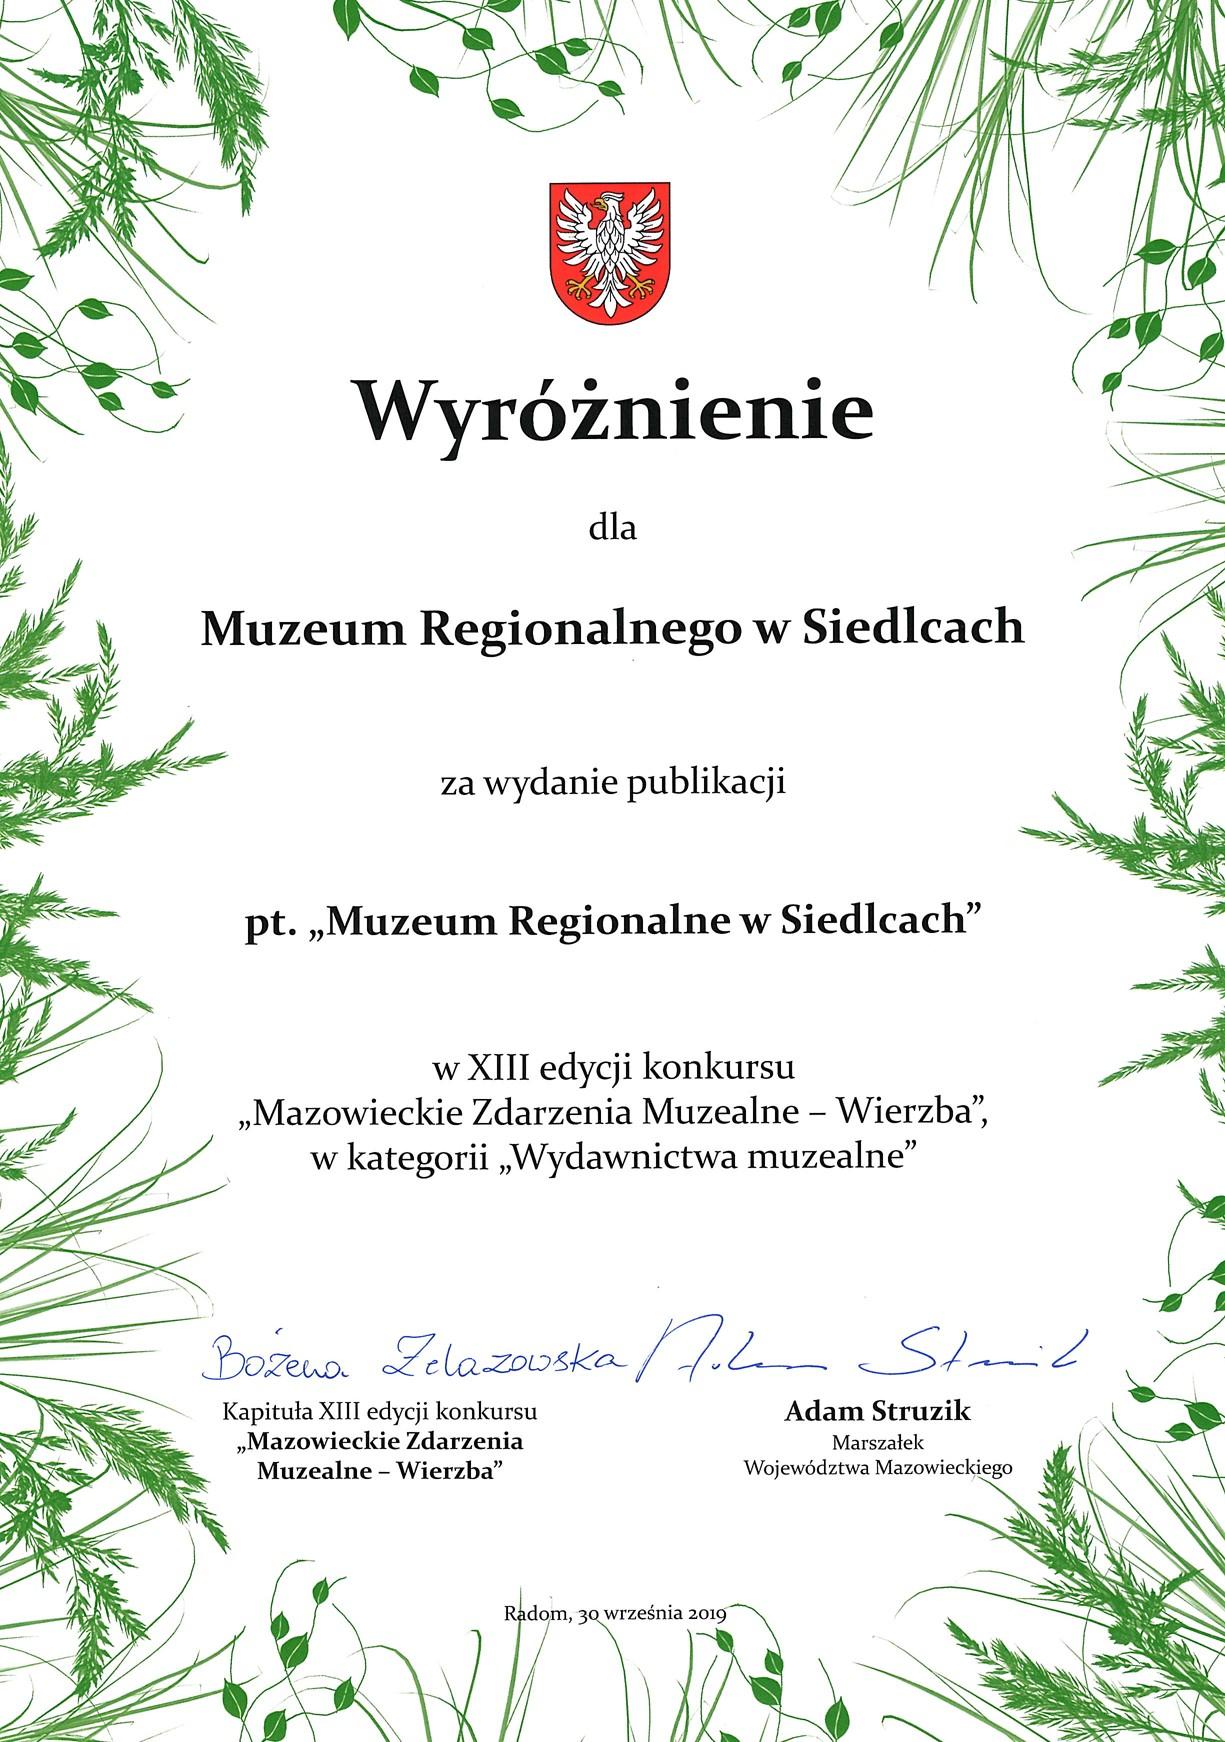 Dyplom wyróżnienia za publikację Muzeum Regionalne w Siedlcach